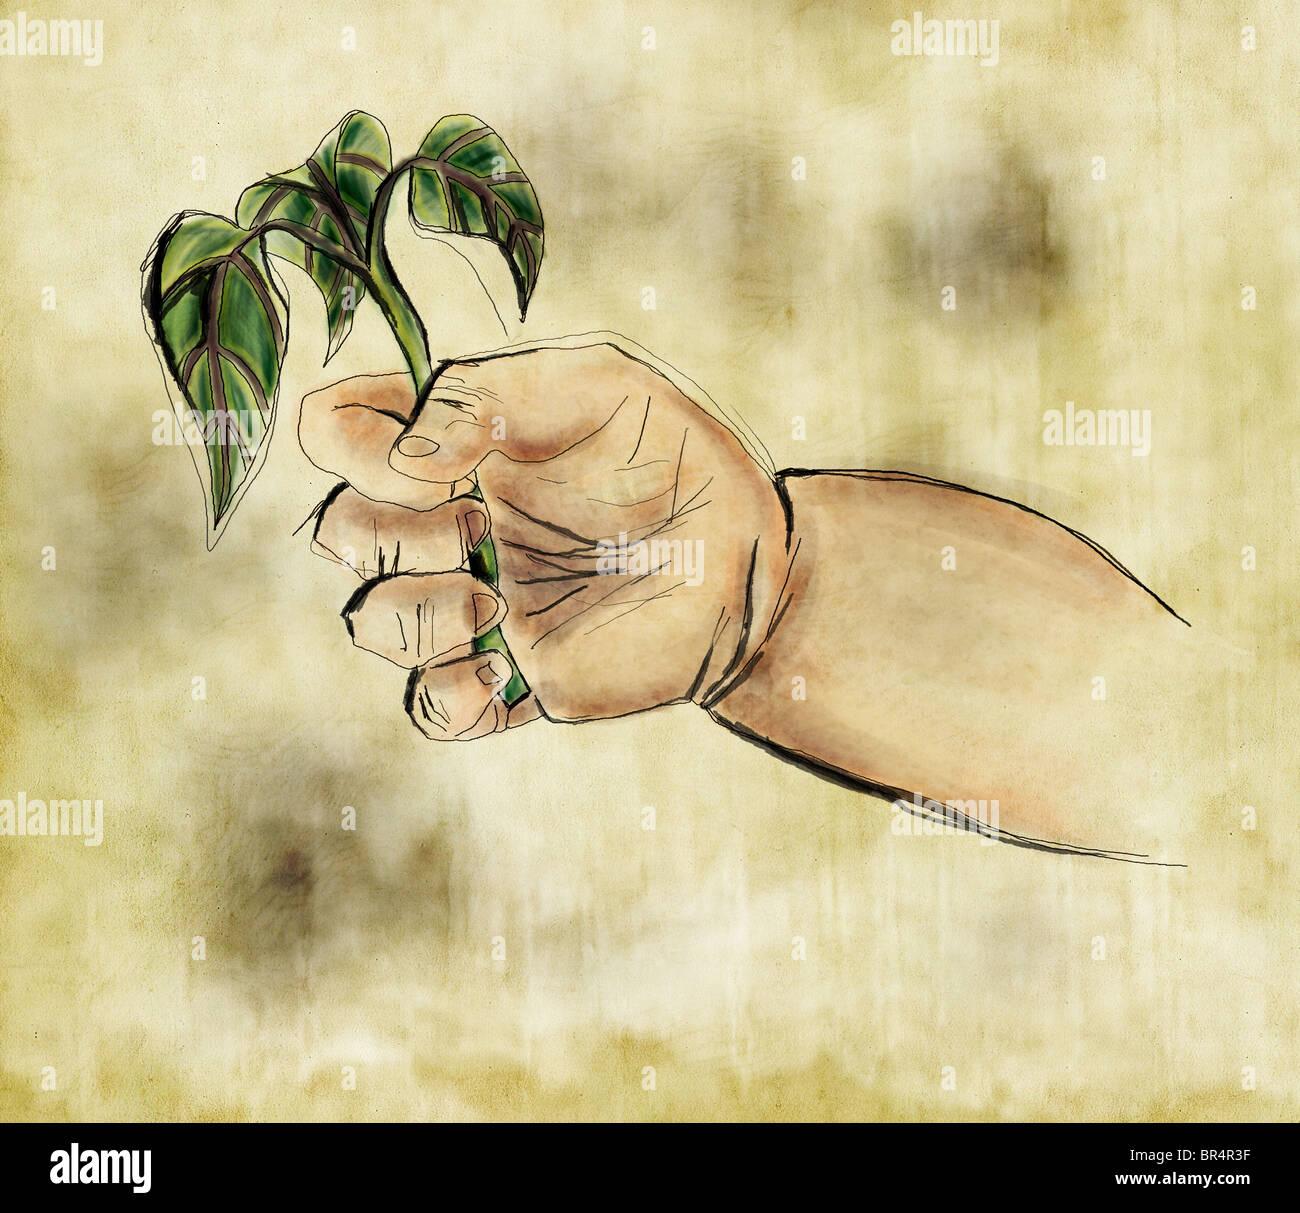 Babys une main tenant une plante de germination Photo Stock